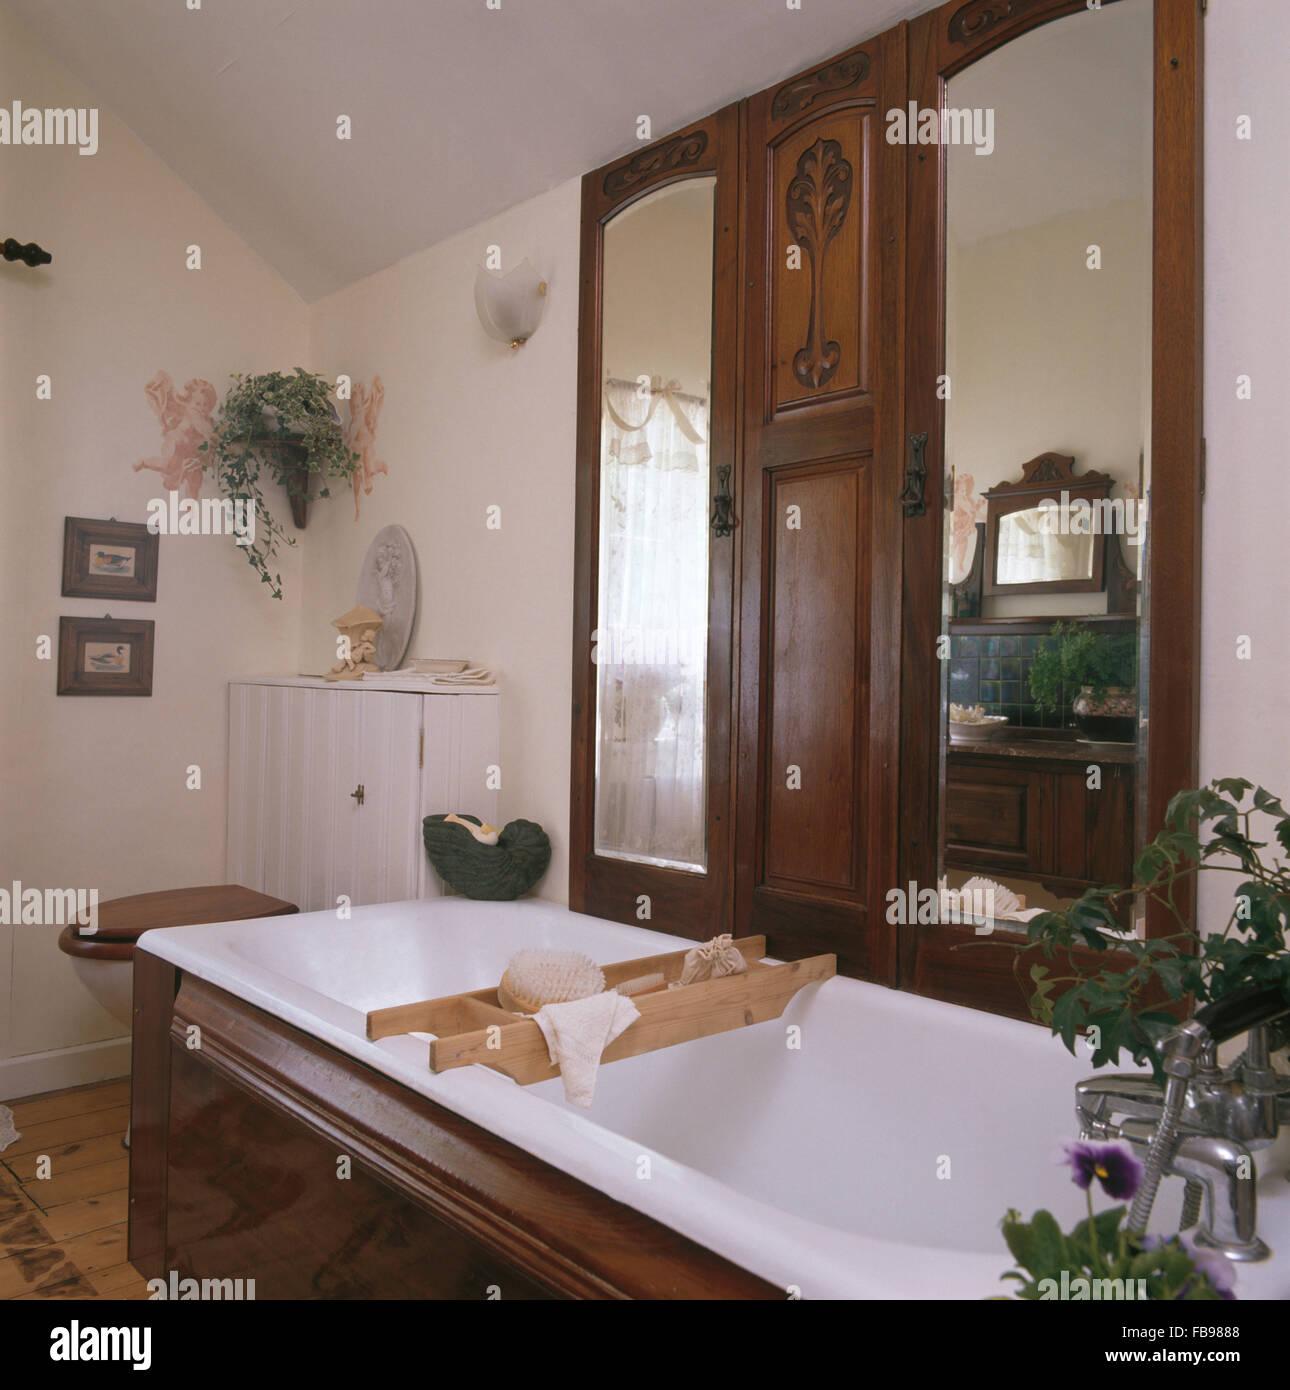 Antine Per Vasca Da Bagno.Vecchio Riciclato Antine Con Pannelli A Specchio Sopra Il Bagno Con